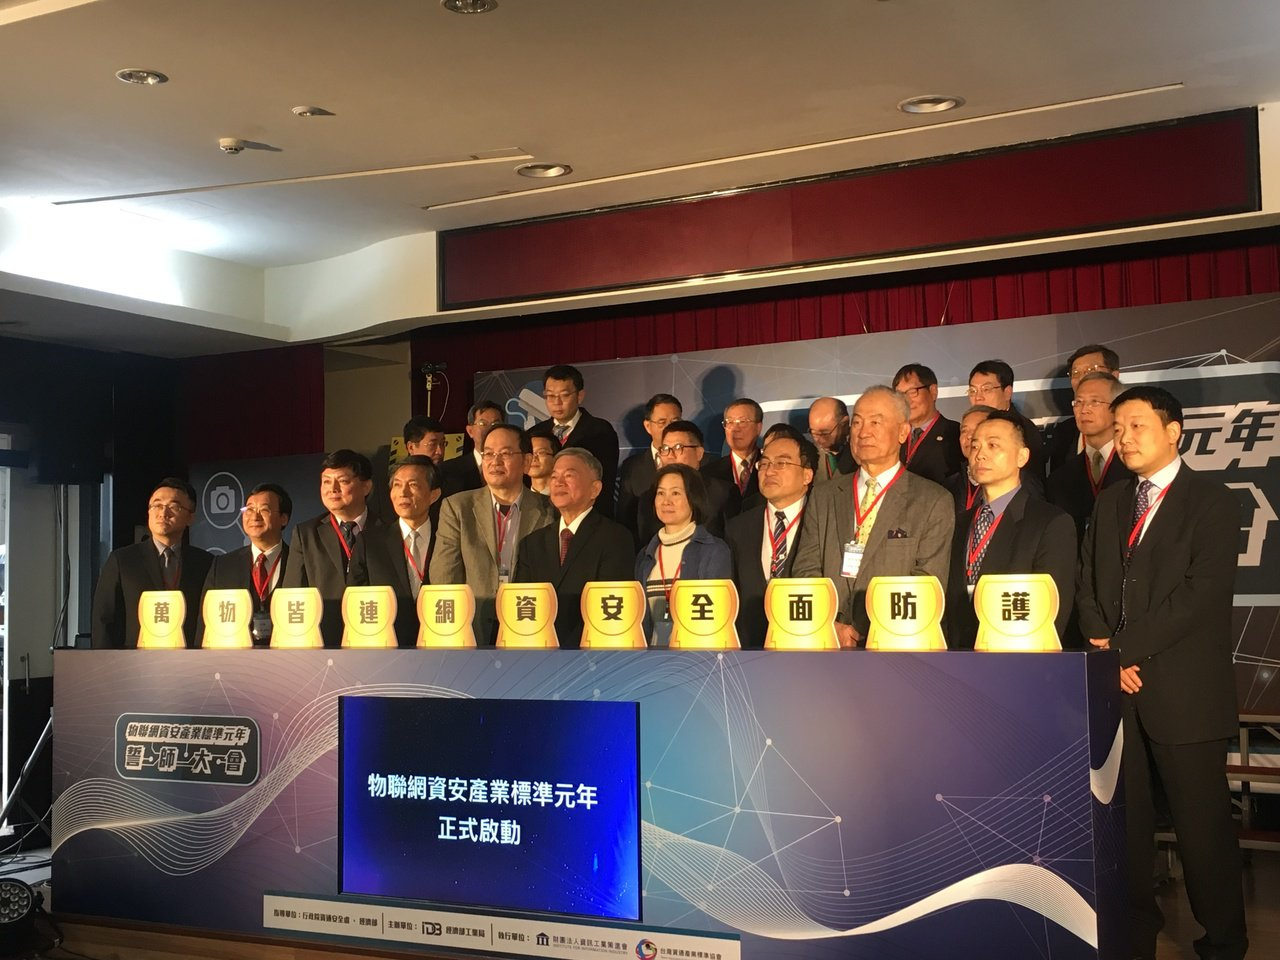 經濟部工業局今天舉辦物聯網資安產業標準元年誓師大會,宣示台灣進入資安產業標準元年...